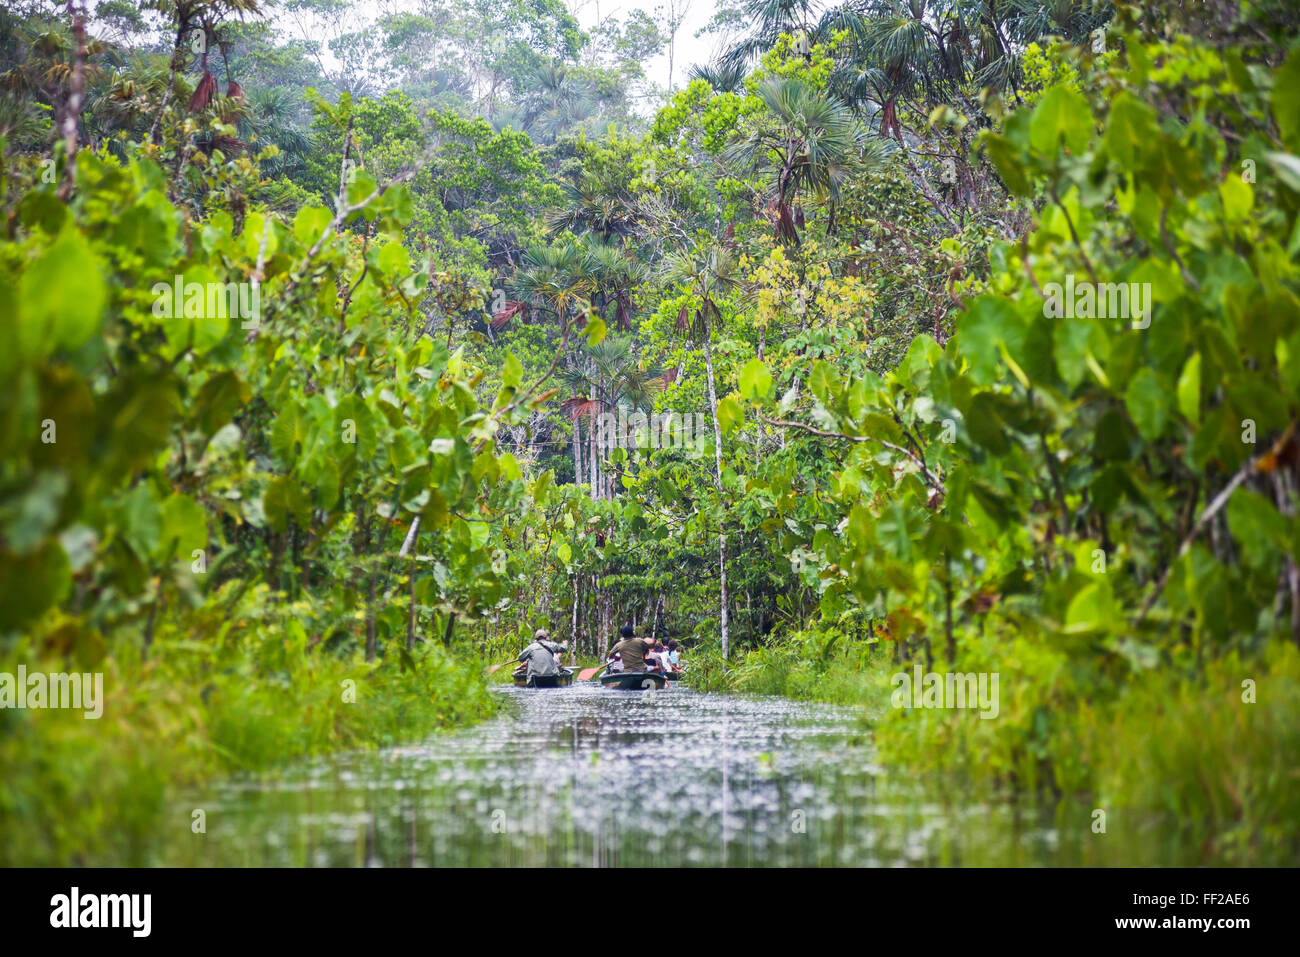 Pirogue amazonienne de ride, Sacha RModge, Coca, Equateur, Amérique du Sud Photo Stock